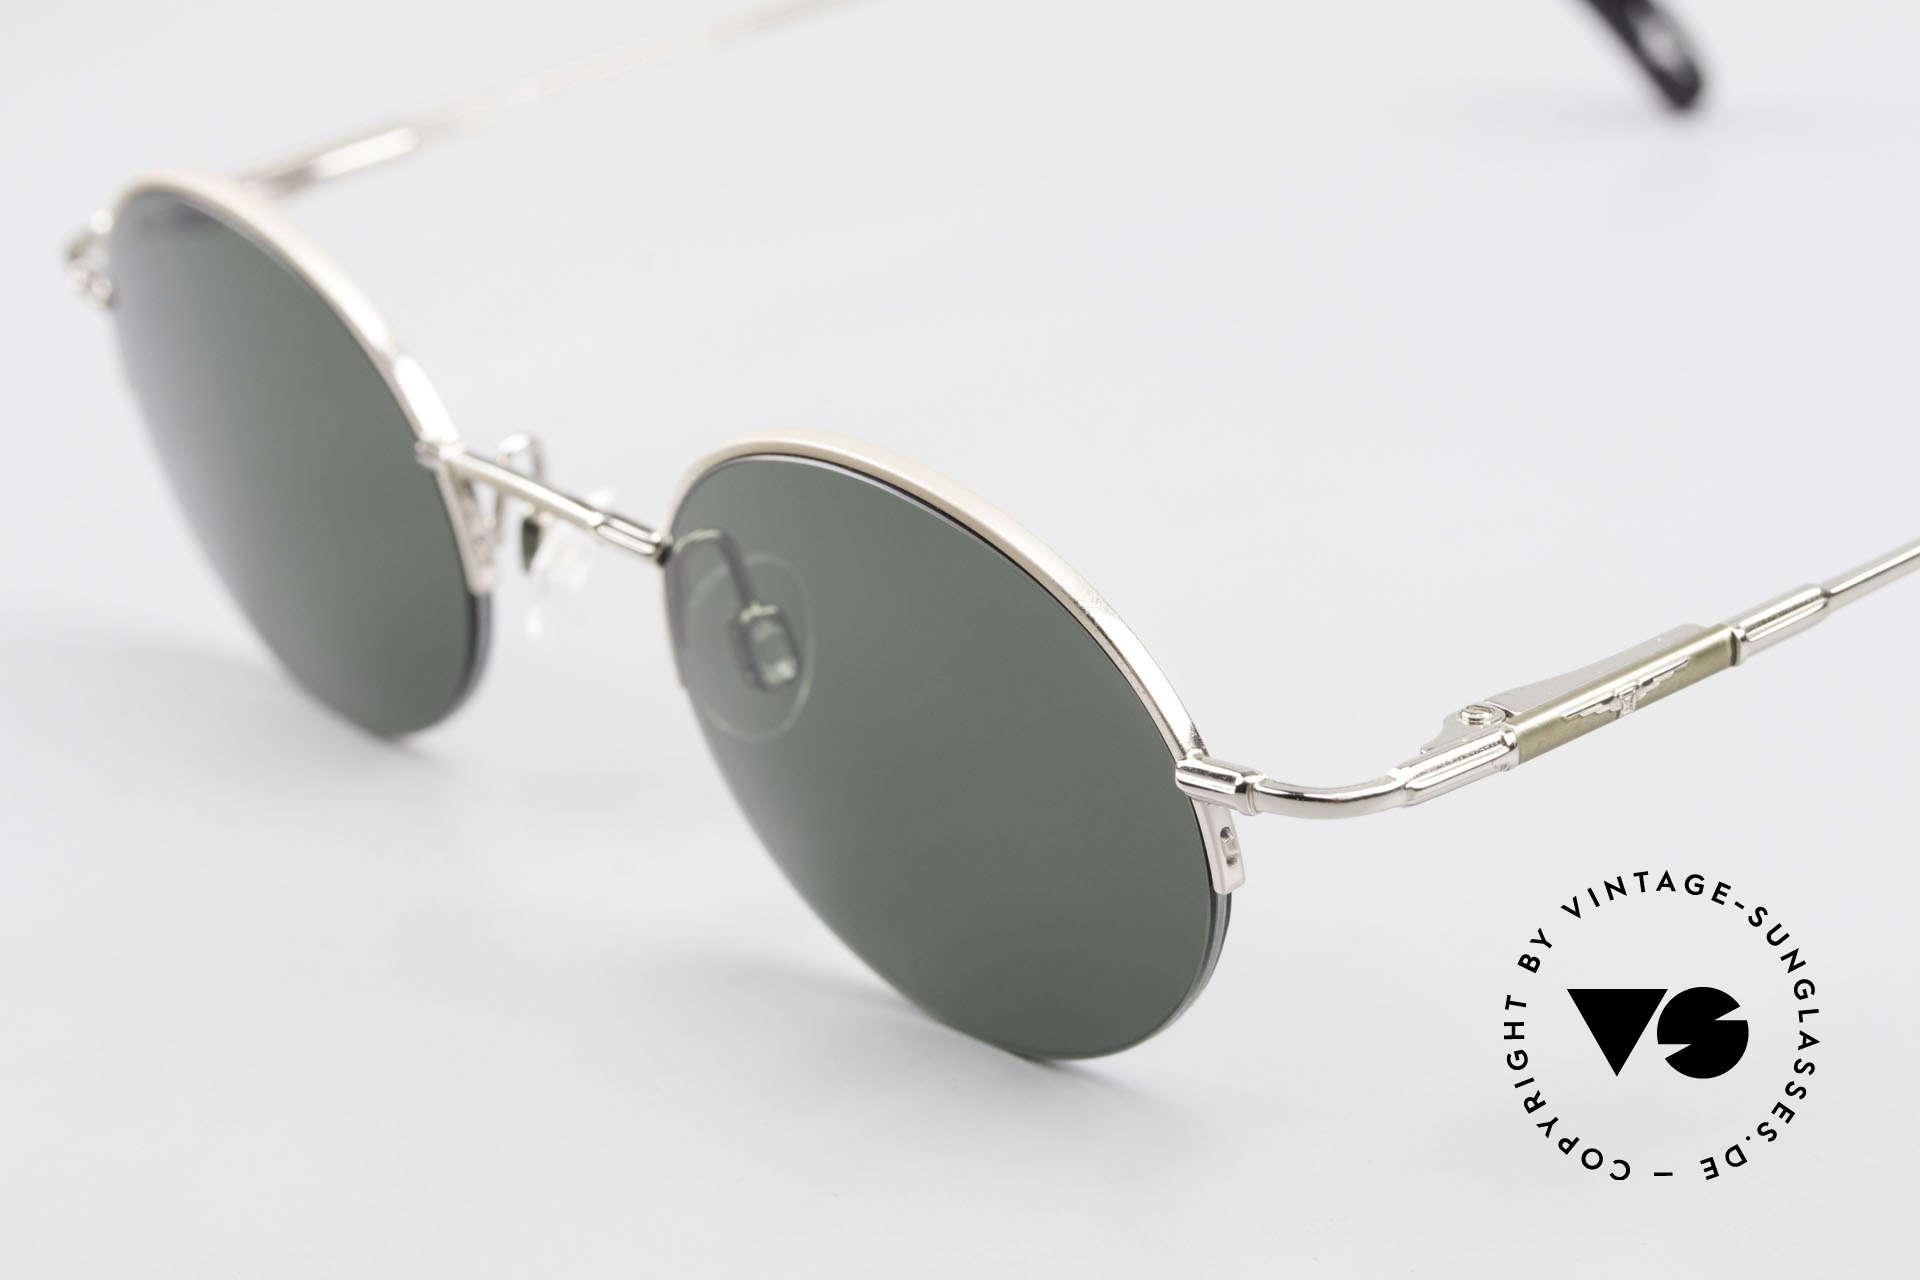 Longines 4363 Rund Ovale Sonnenbrille 90er, ein zeitloses altes Original in Kooperation mit Metzler, Passend für Herren und Damen